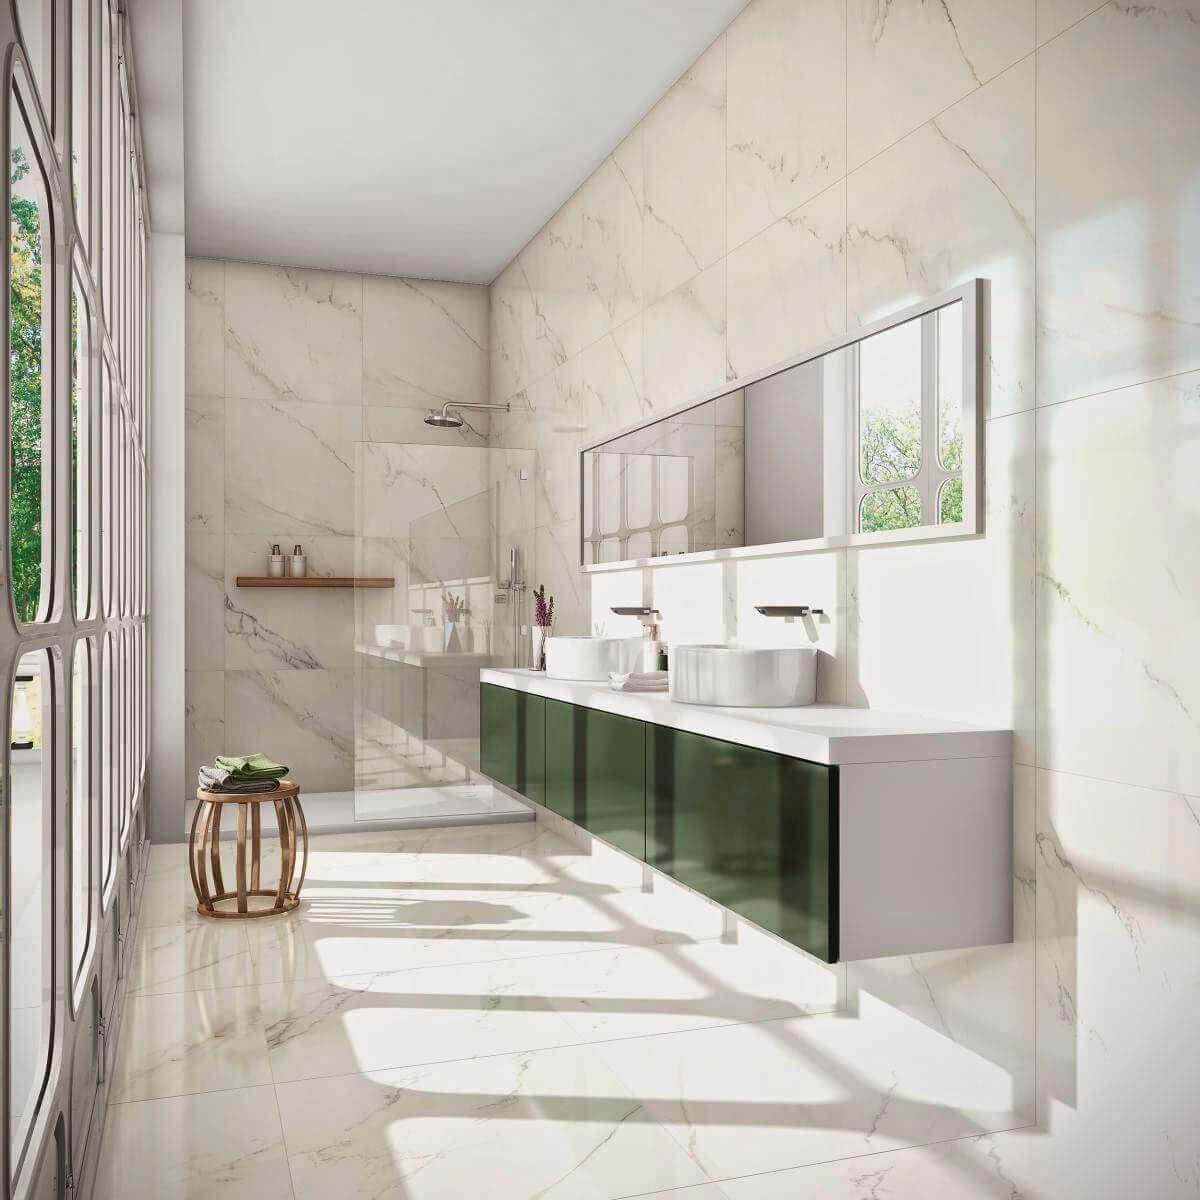 Banheiro com piso de porcelanato marmorizado e armario verde